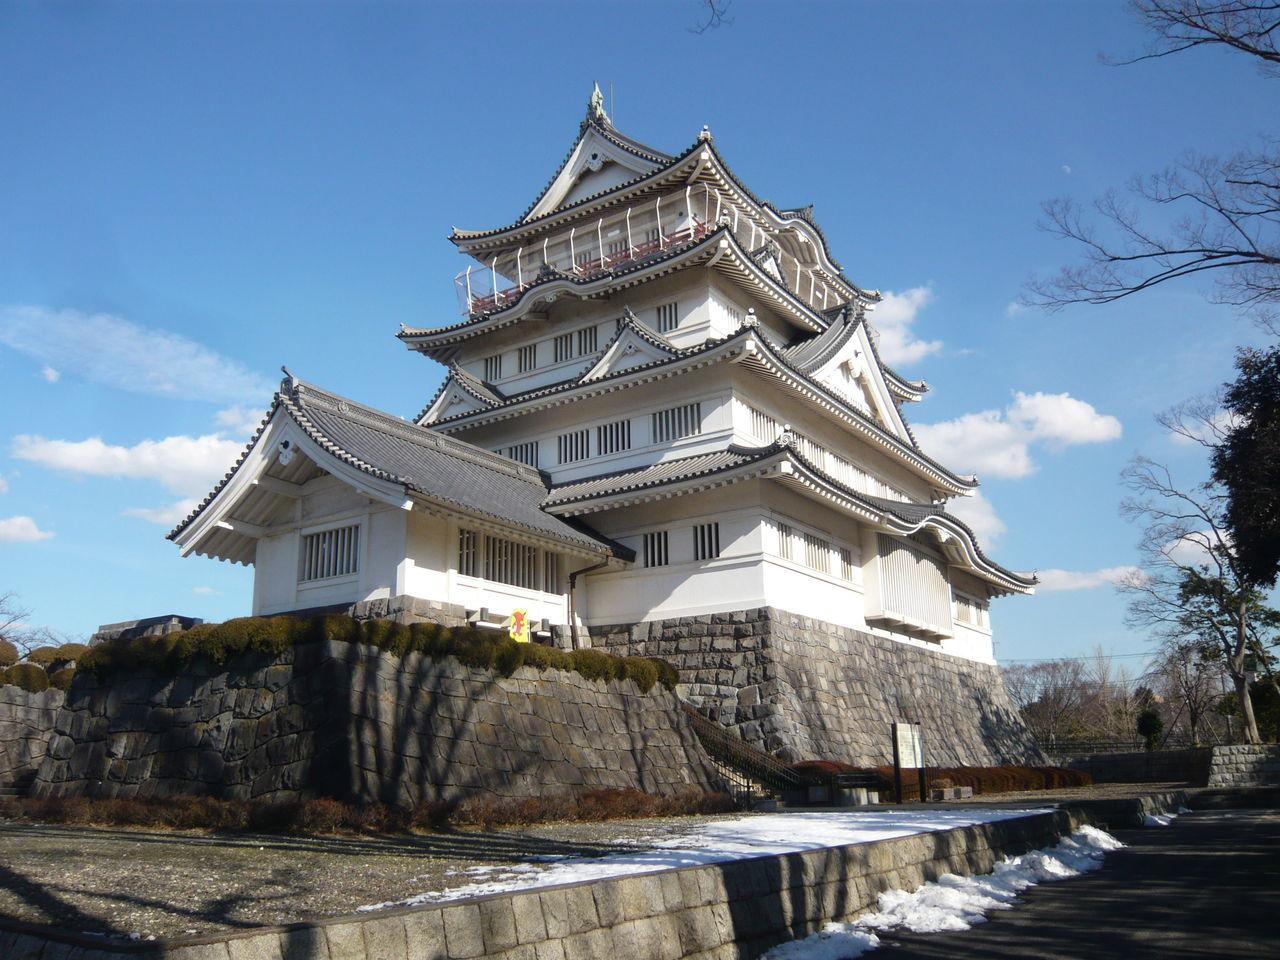 城とか陵墓とか : 亥鼻城(千葉城)